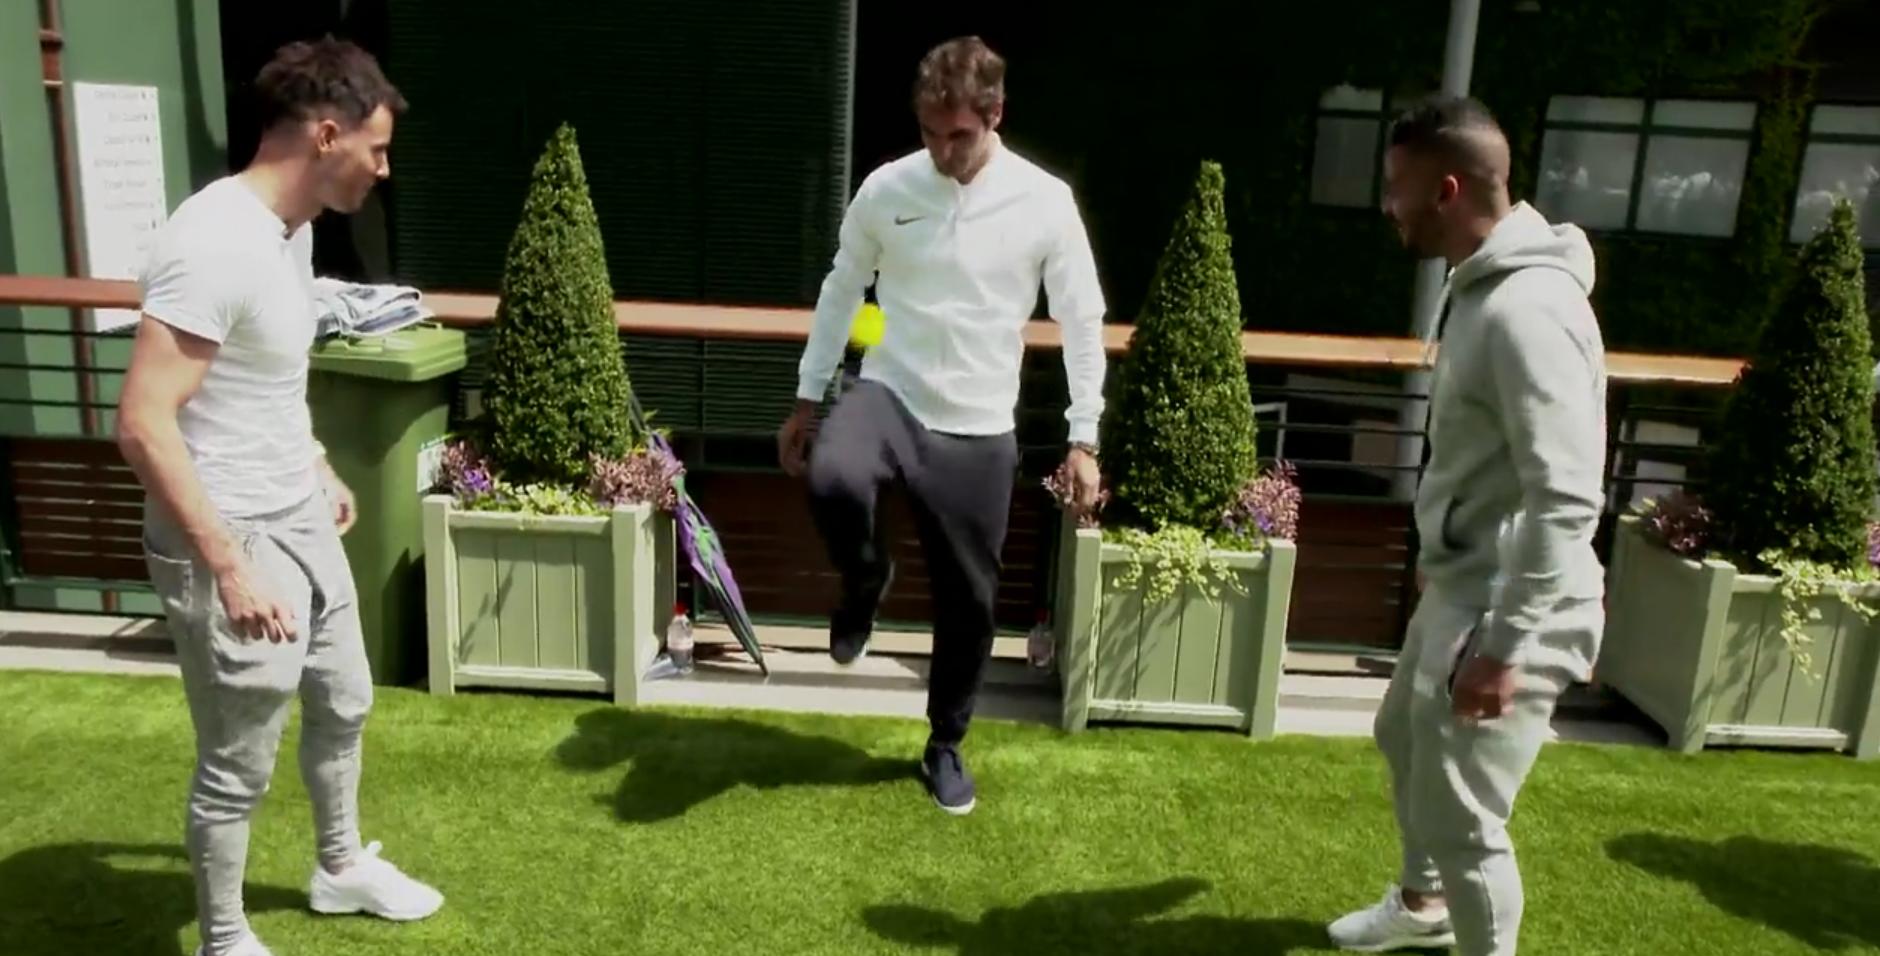 Joueurs jonglant avec une balle de tennis